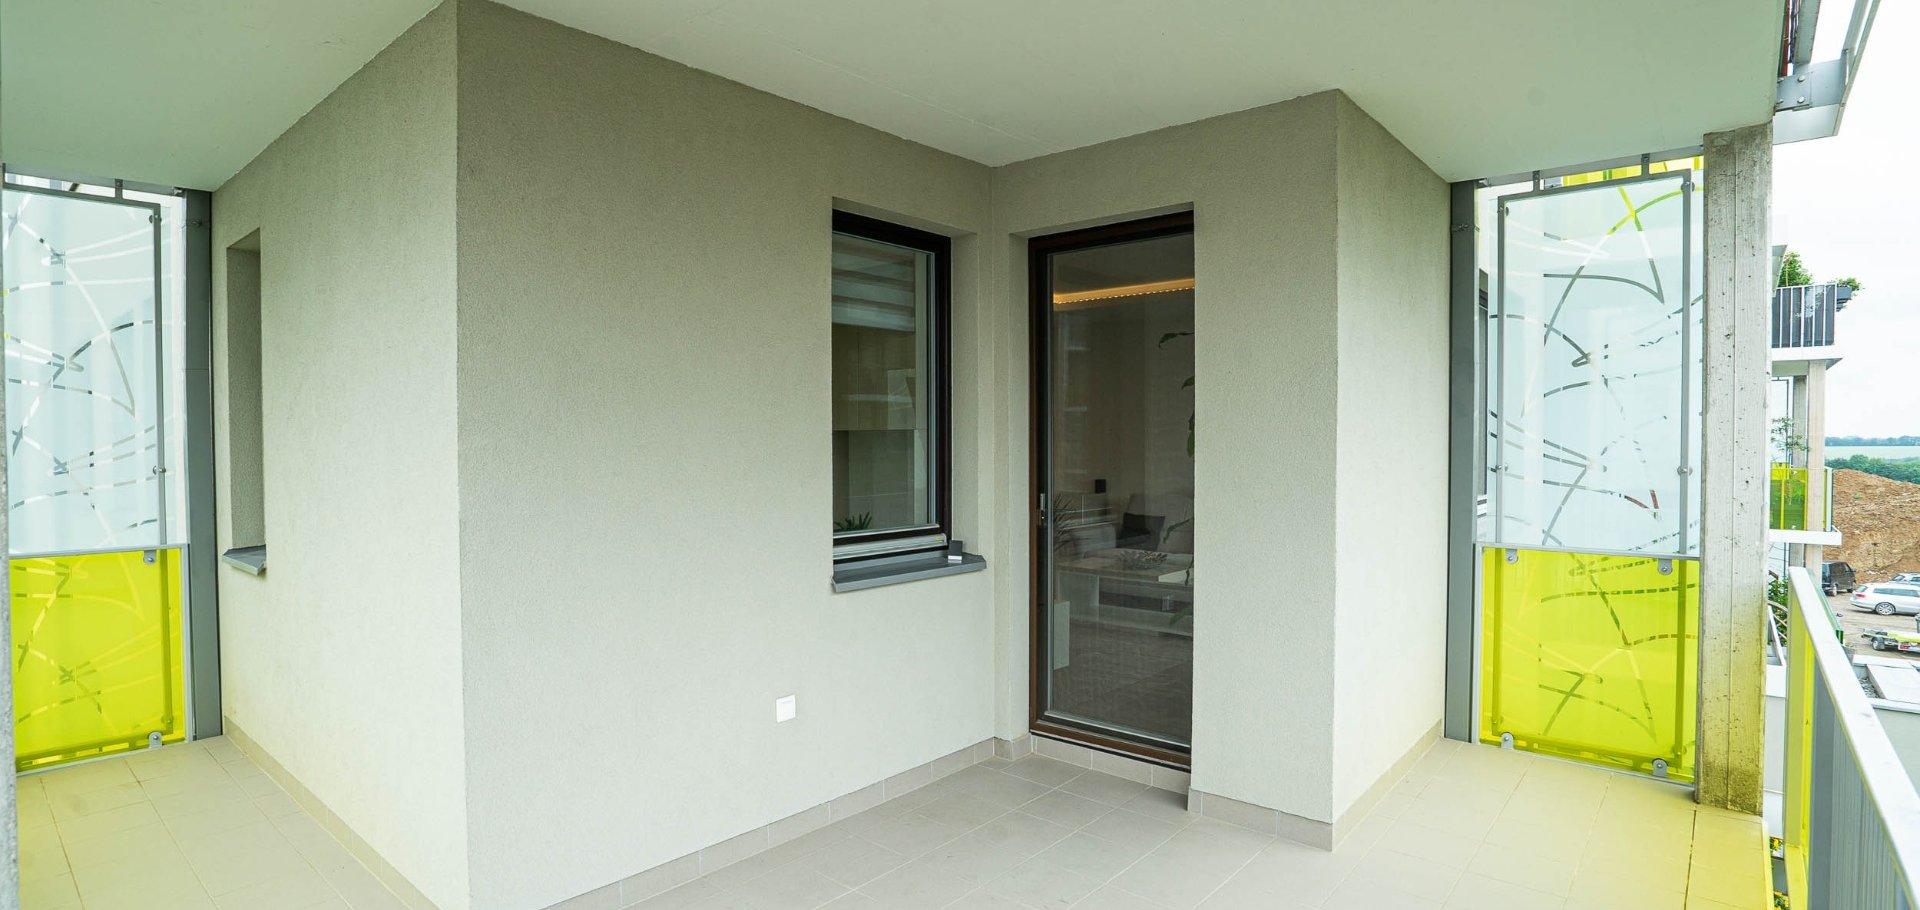 nabízí, prodej, byty 3+kk,Poštova 1200/3, Praha - Dolní Chabry